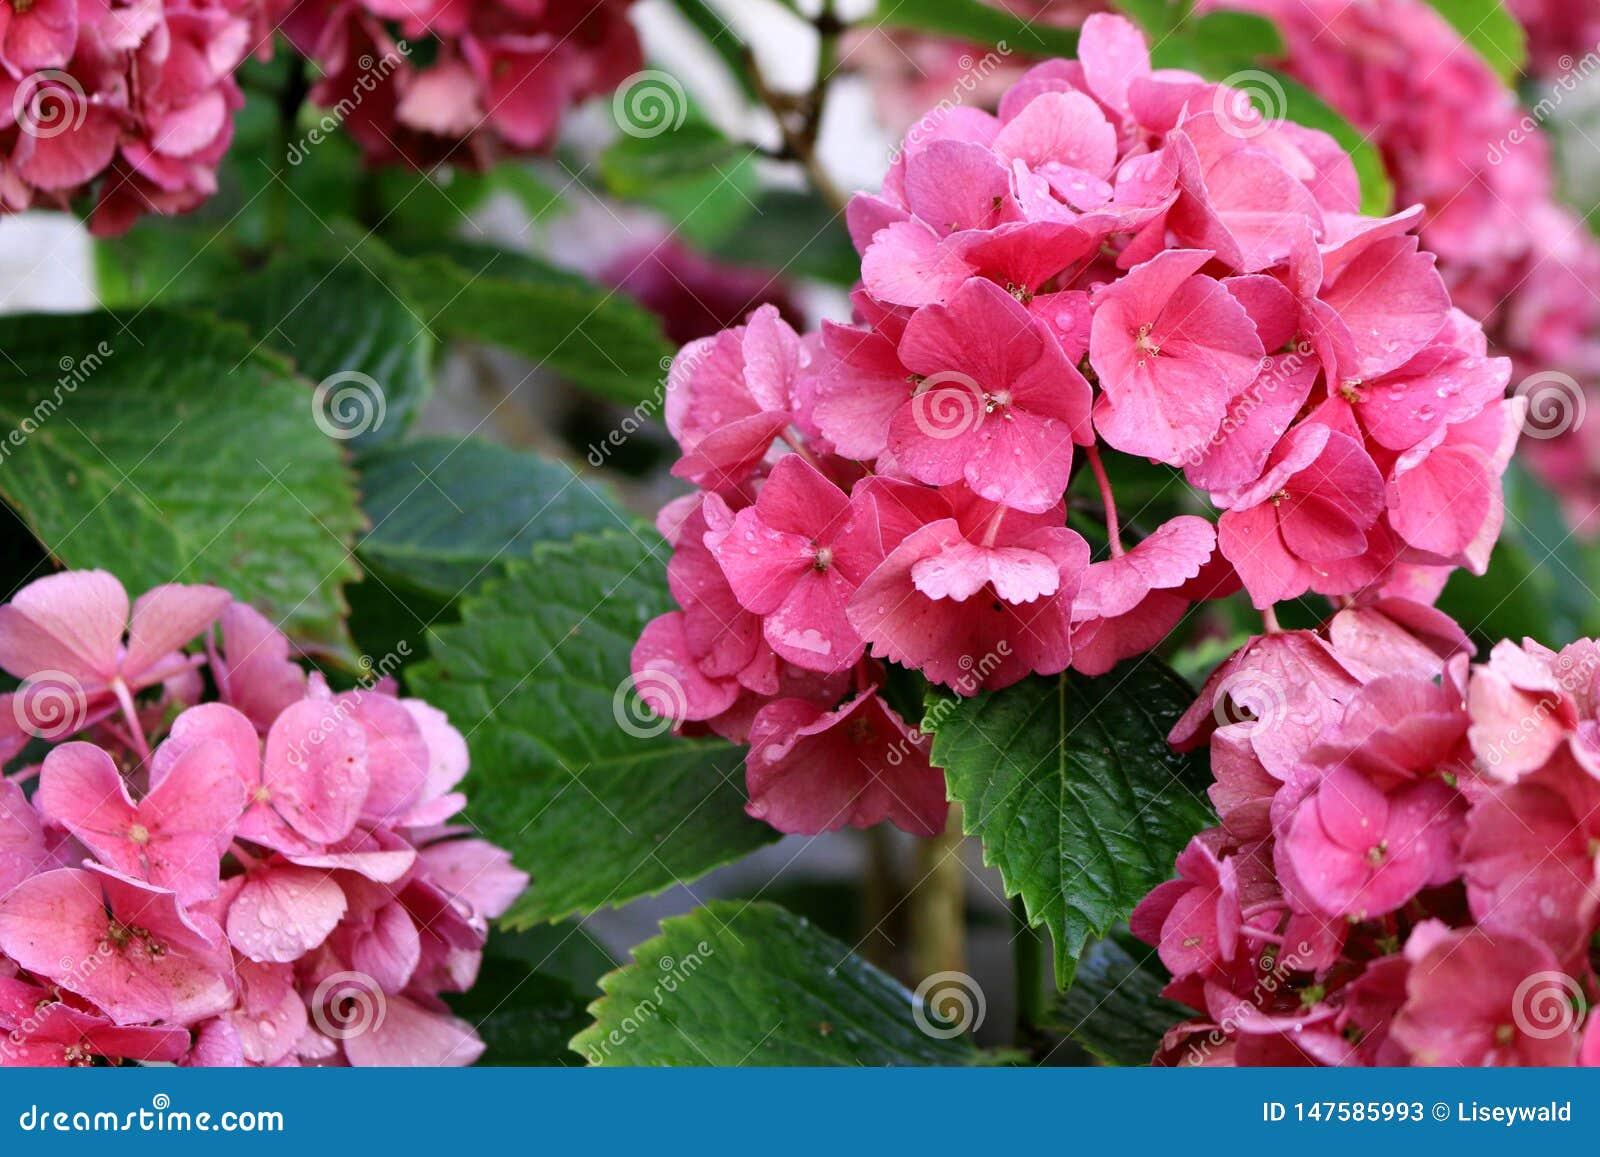 Ρόδινα άνθη hortensia με τις πτώσεις νερού και τα πράσινα φύλλα